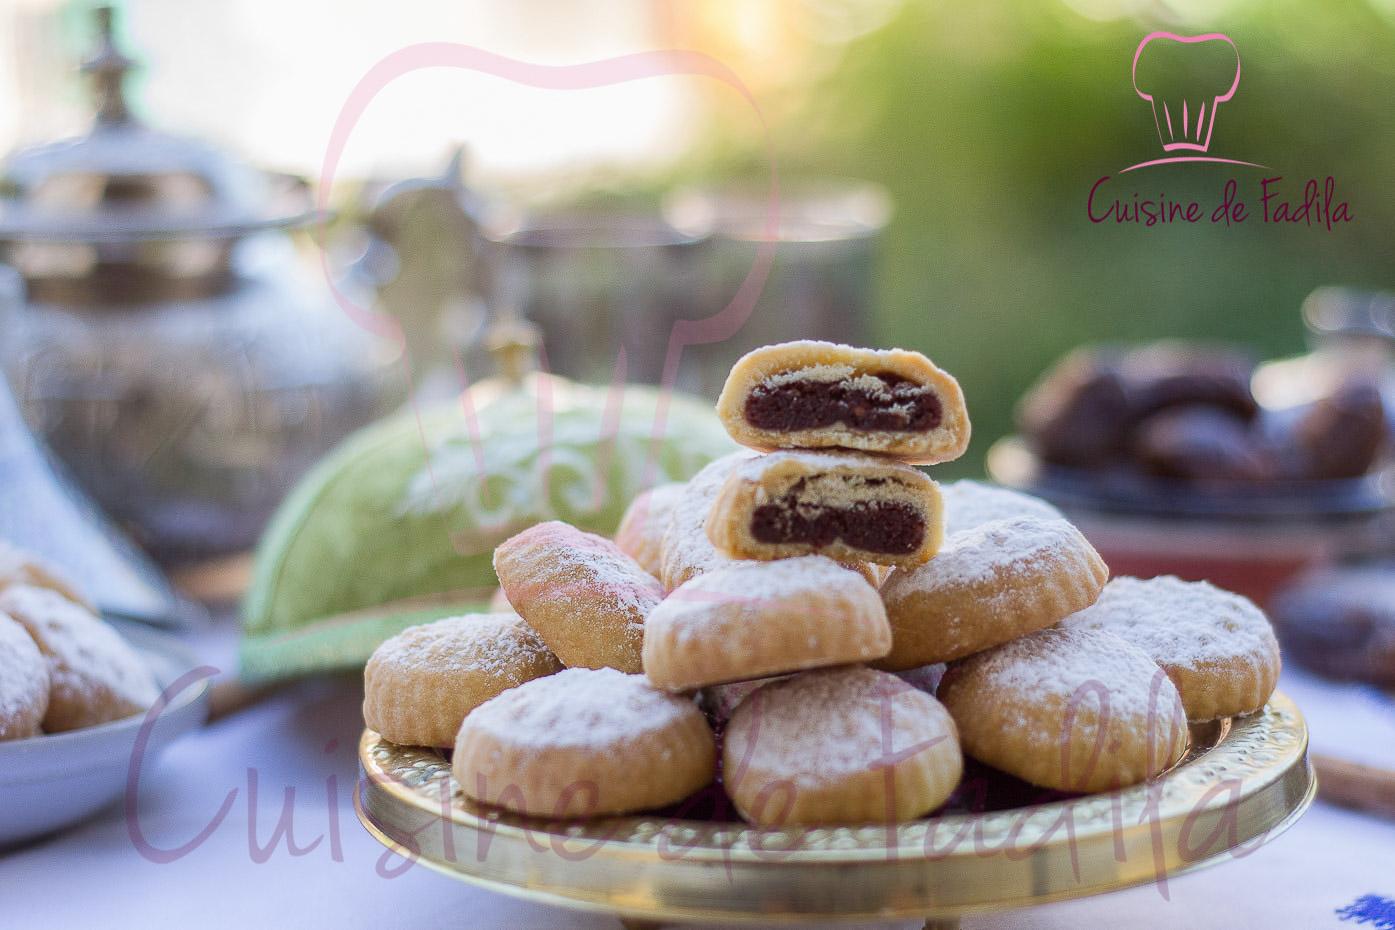 Maamoul aux dattes recette en vid o for Video de cuisine youtube